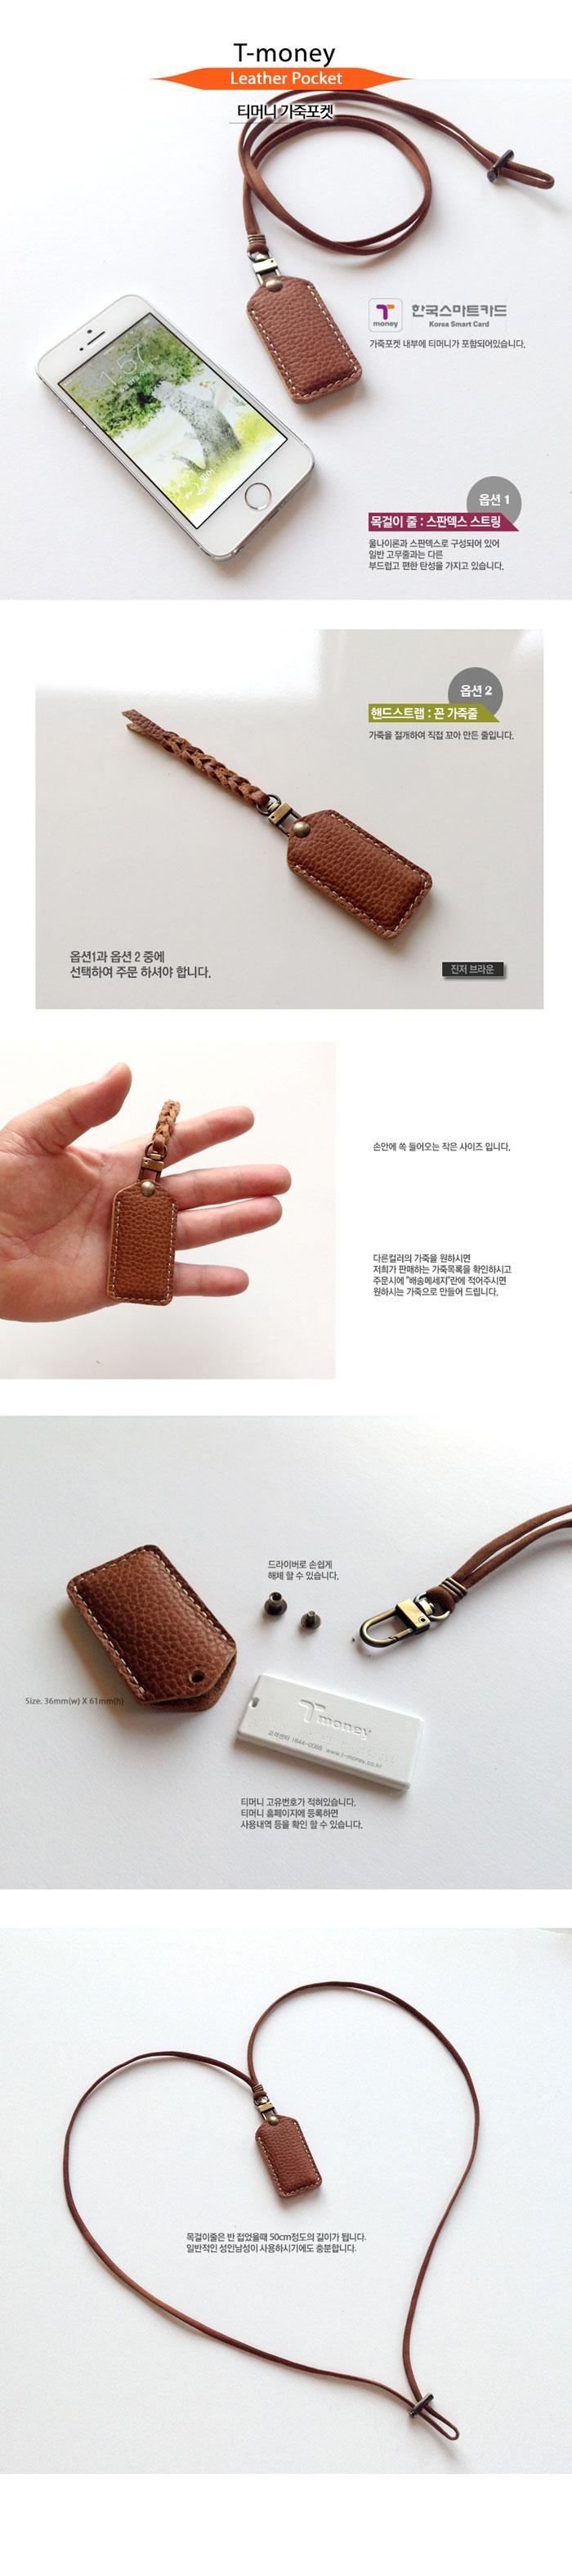 티머니 가죽포켓 . T-money Leather Pocket (티머니칩포함) - 와나크래프트, 22,000원, 스트랩, 주문제작 스트랩